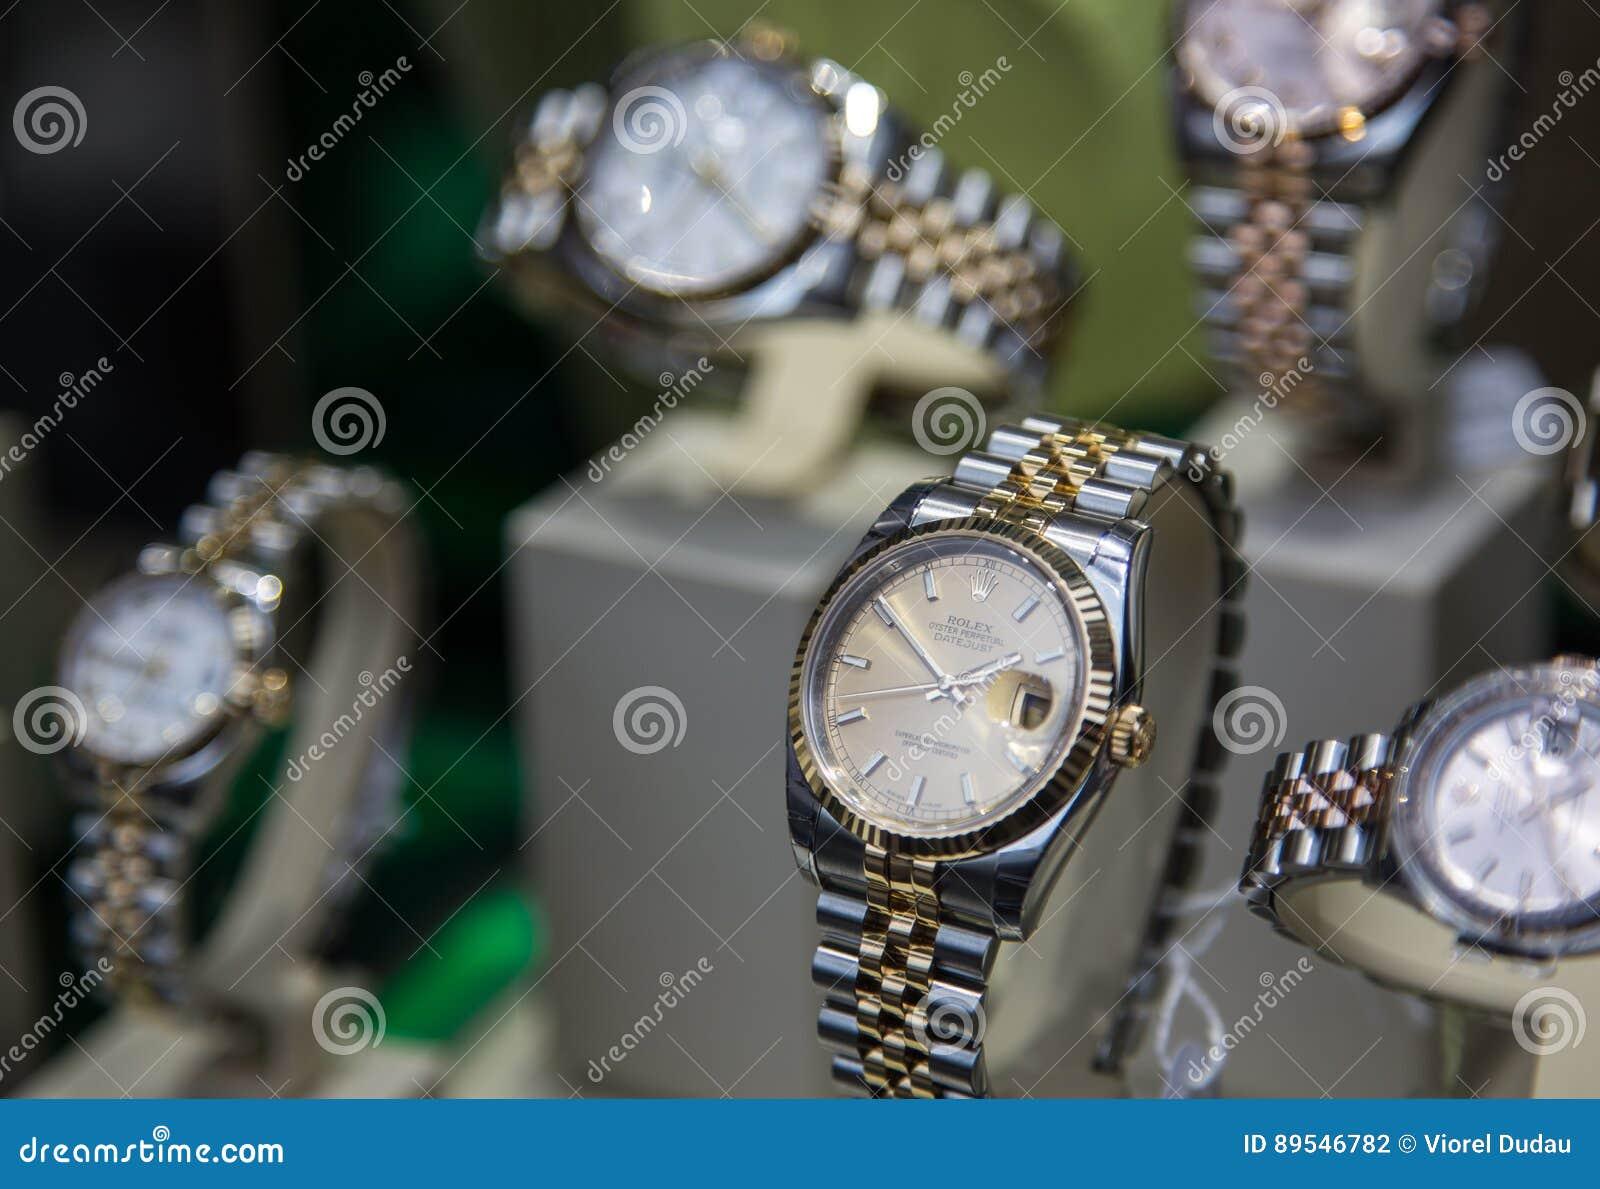 6a086de25eaefd Negozio Di Lusso Degli Orologi Di Rolex Fotografia Editoriale ...